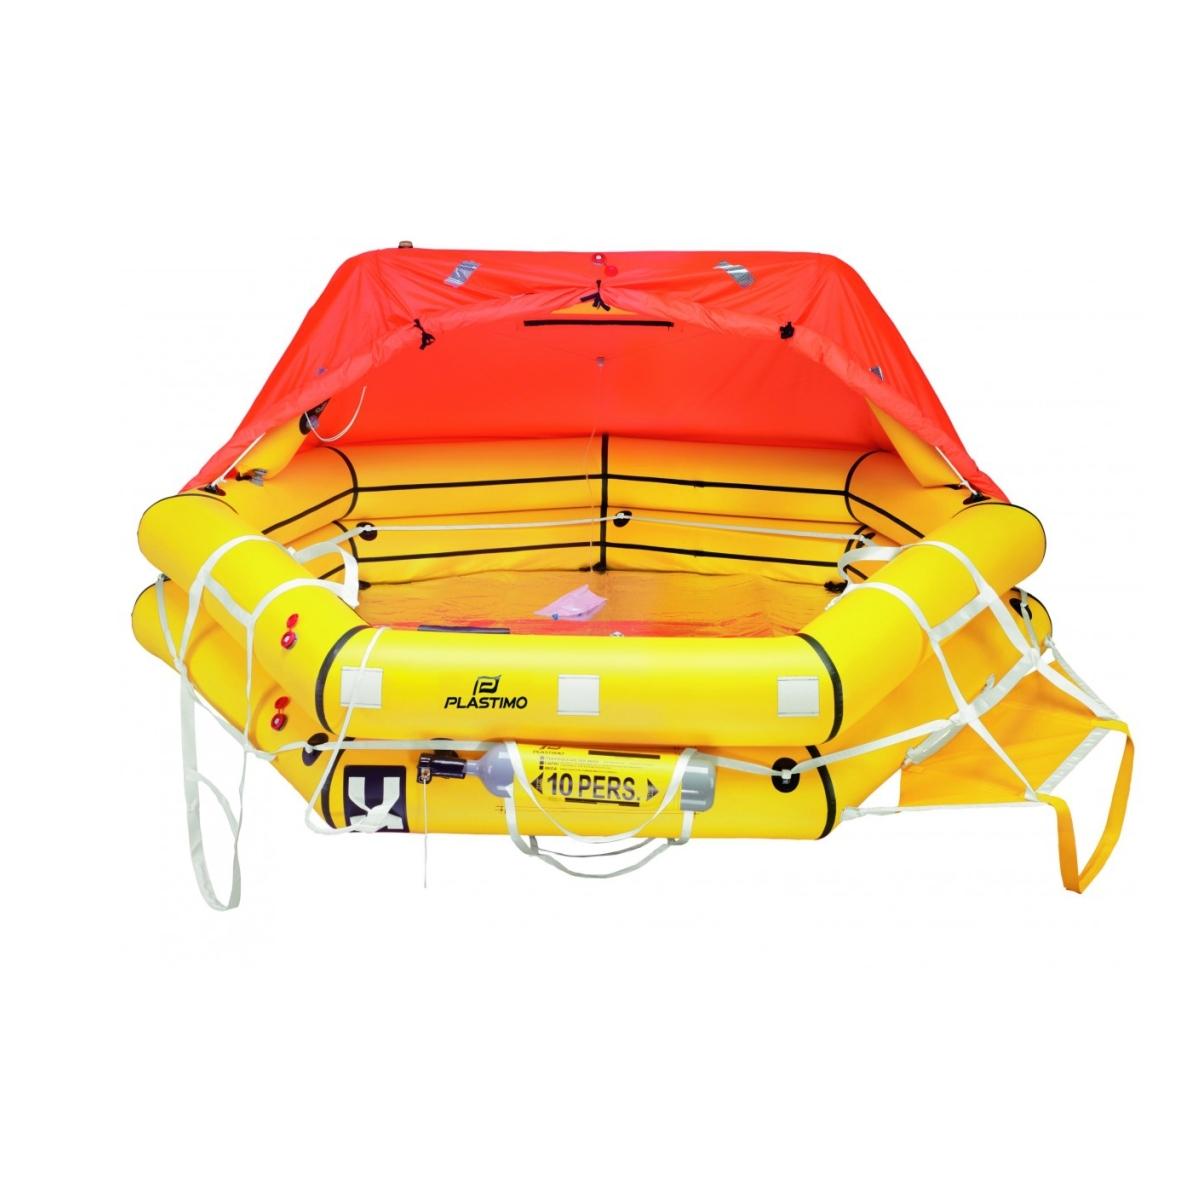 Transocean liferaft, ISAF